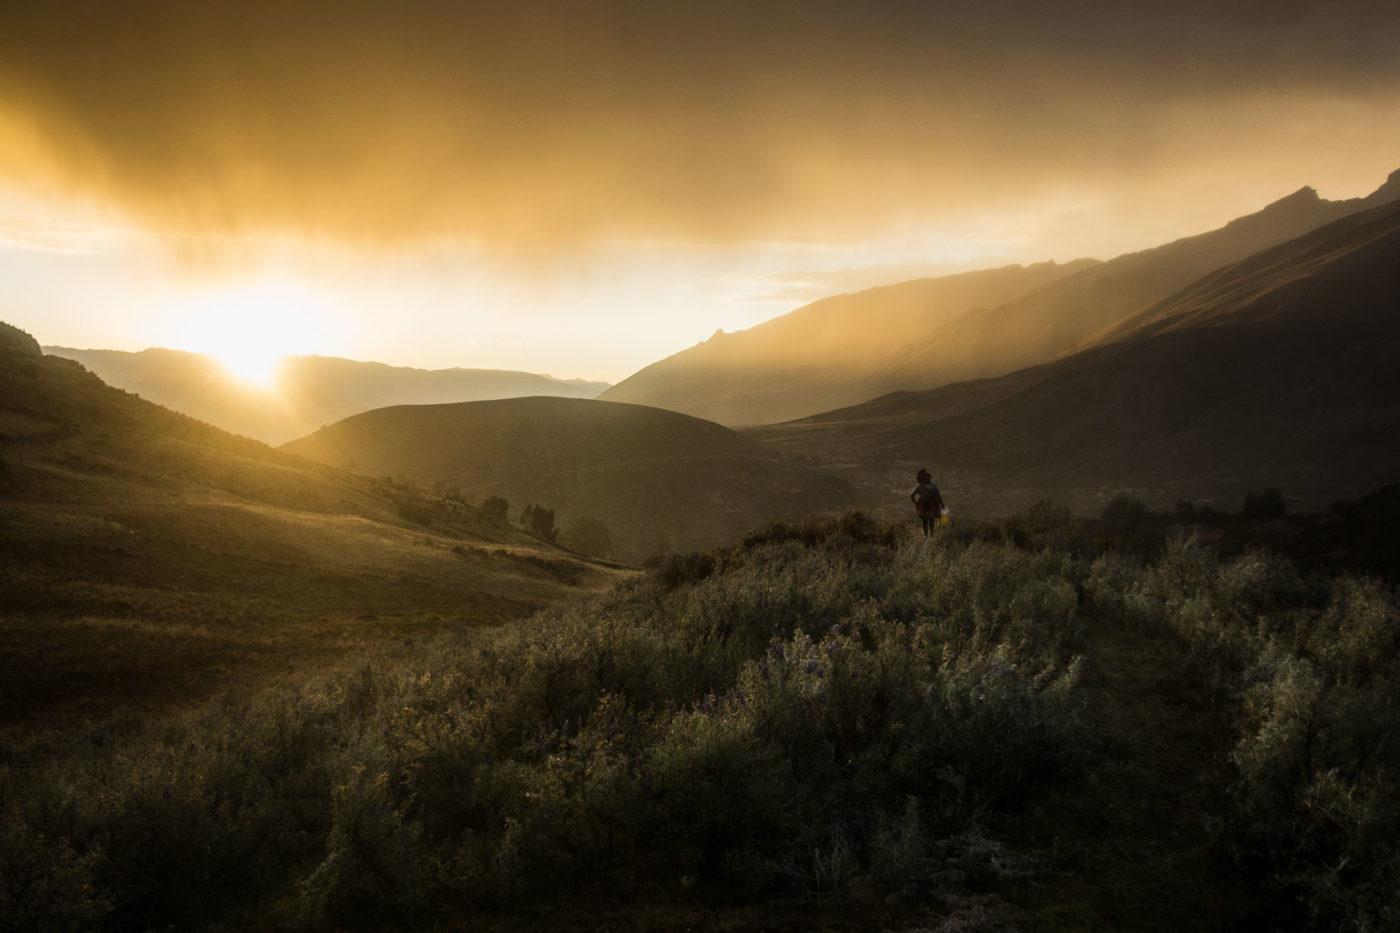 Stimmungsvolles Bild in den Bergen Perus.